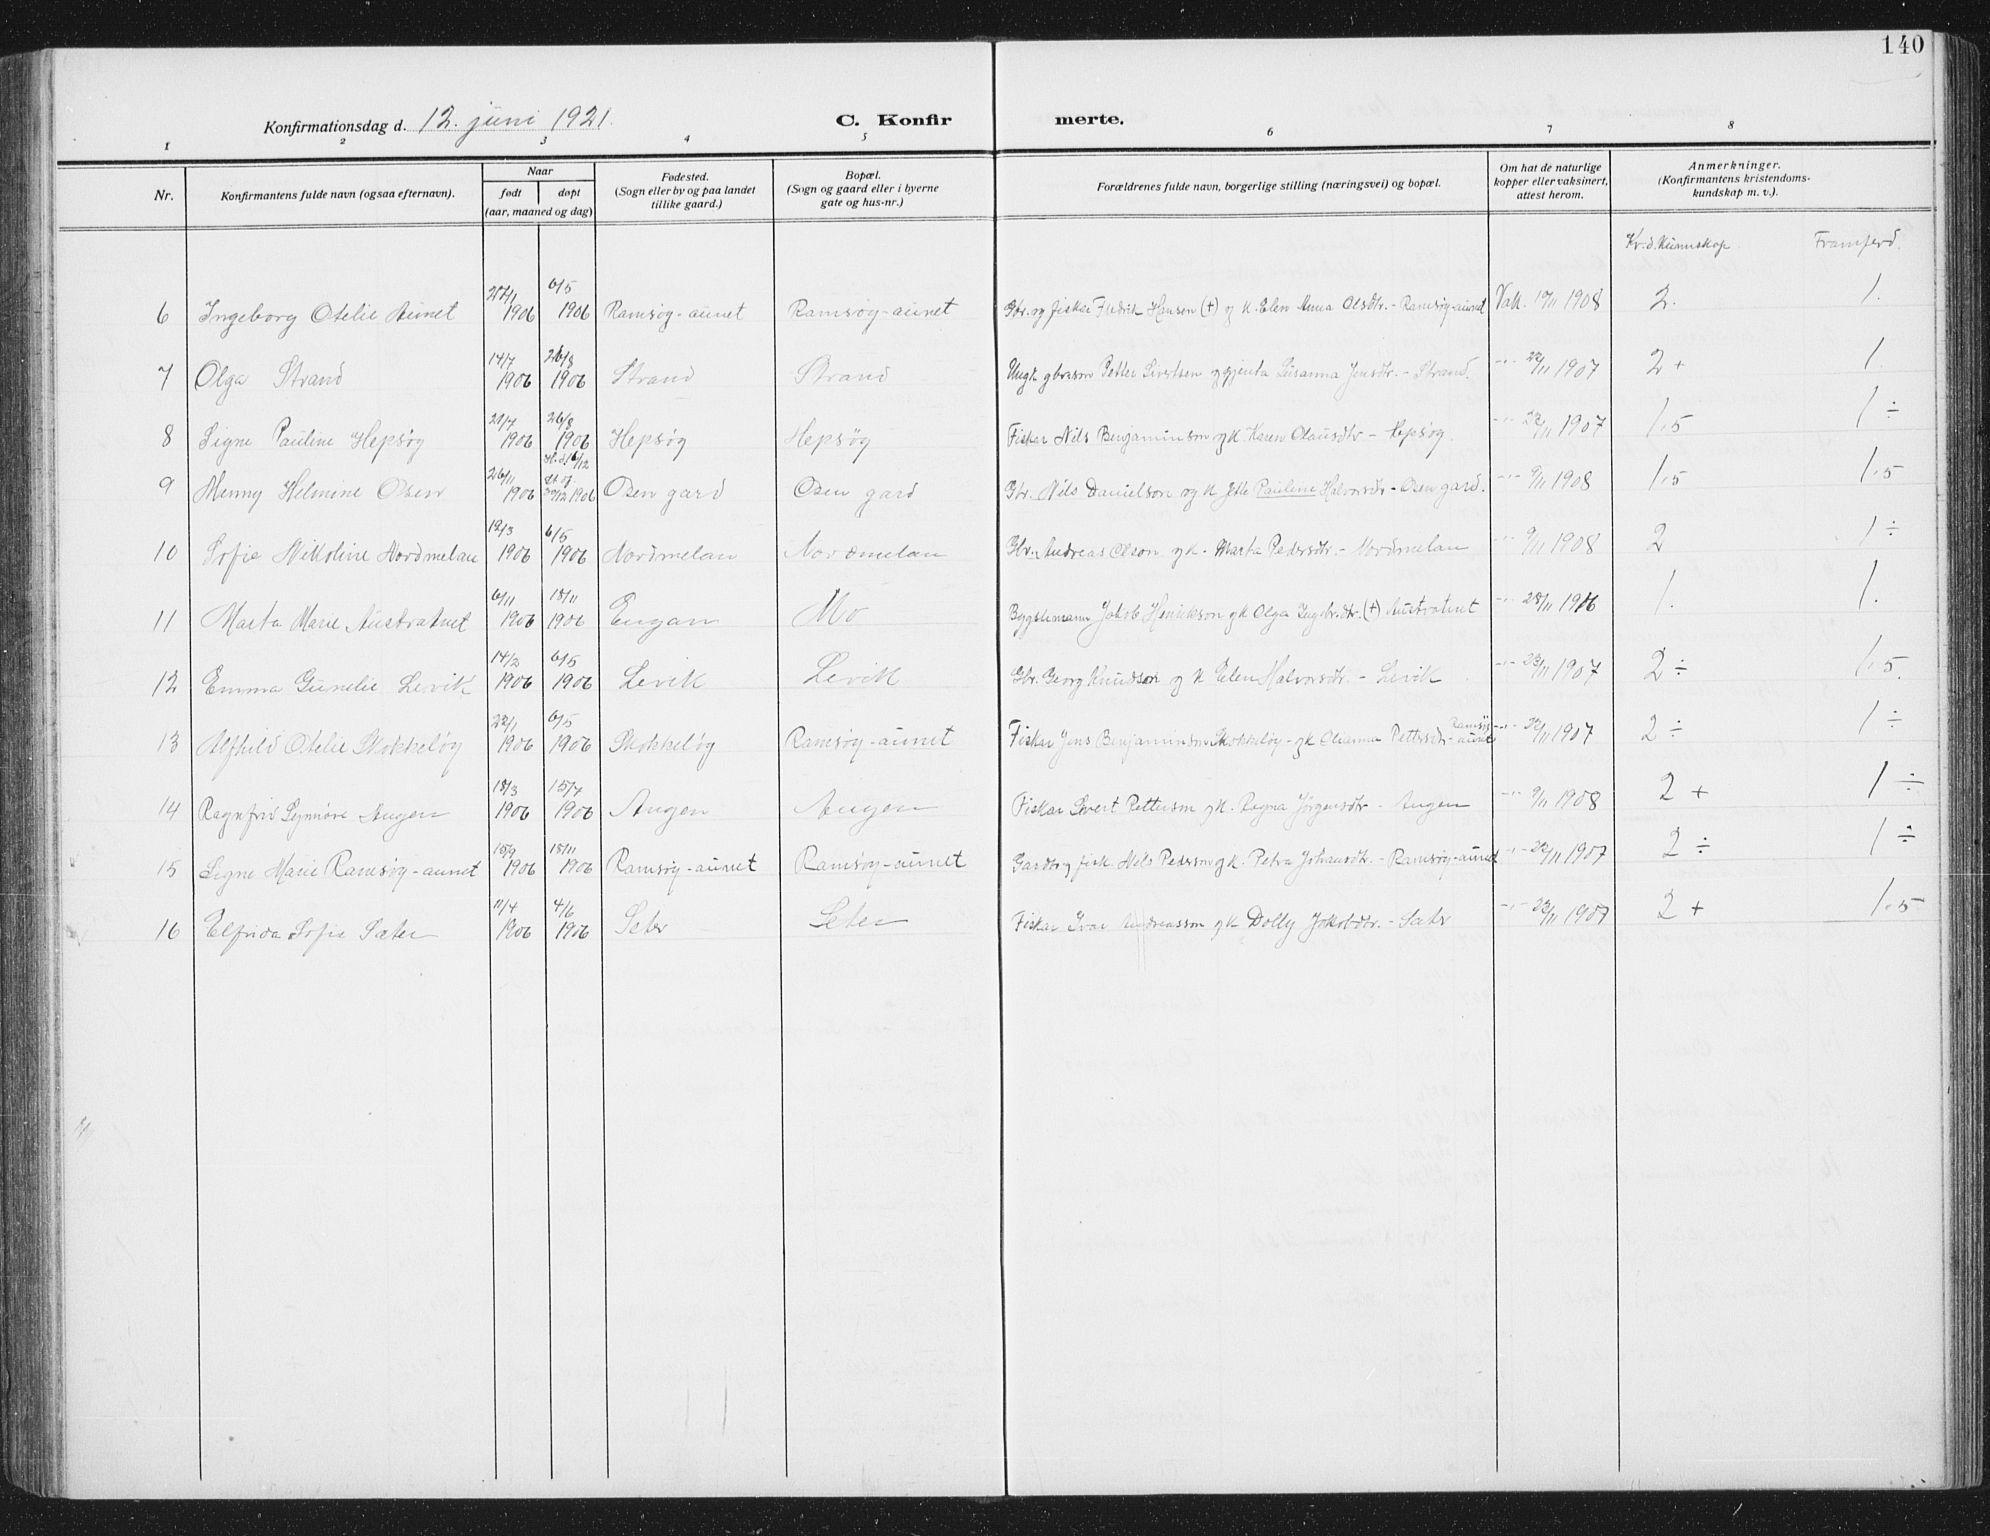 SAT, Ministerialprotokoller, klokkerbøker og fødselsregistre - Sør-Trøndelag, 658/L0727: Klokkerbok nr. 658C03, 1909-1935, s. 140